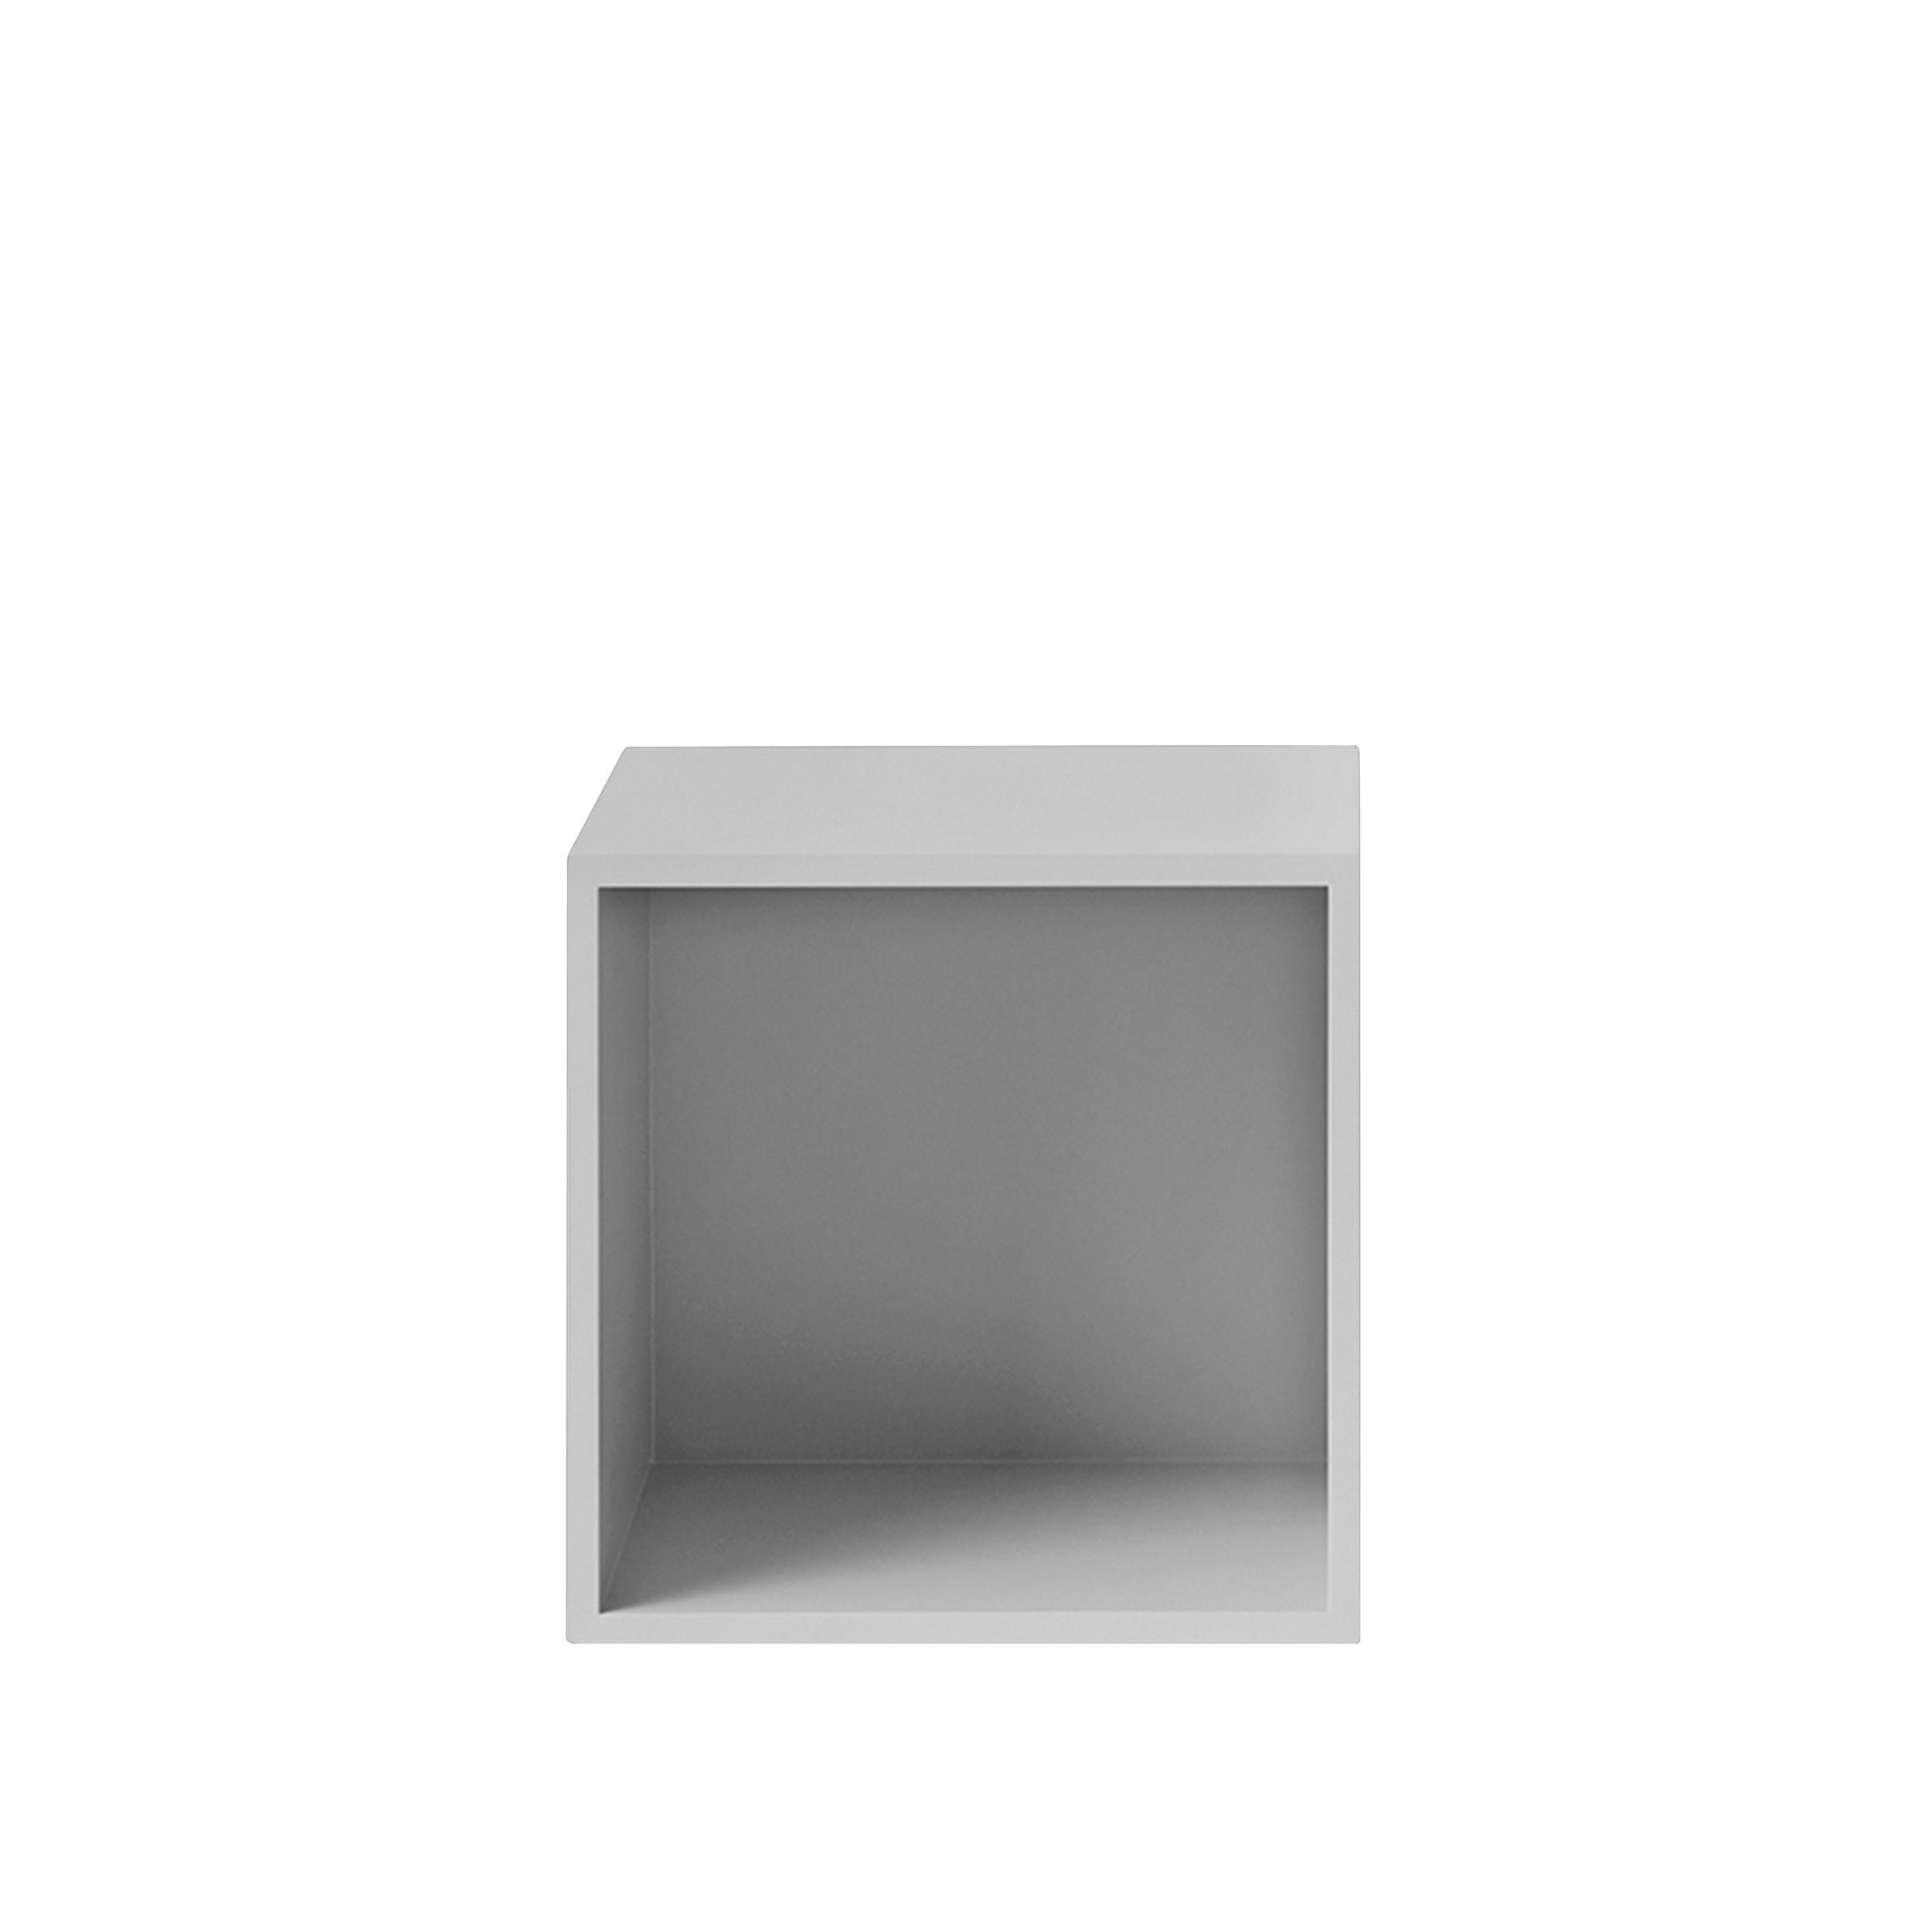 Stacked 2.0 medium backboard light grey